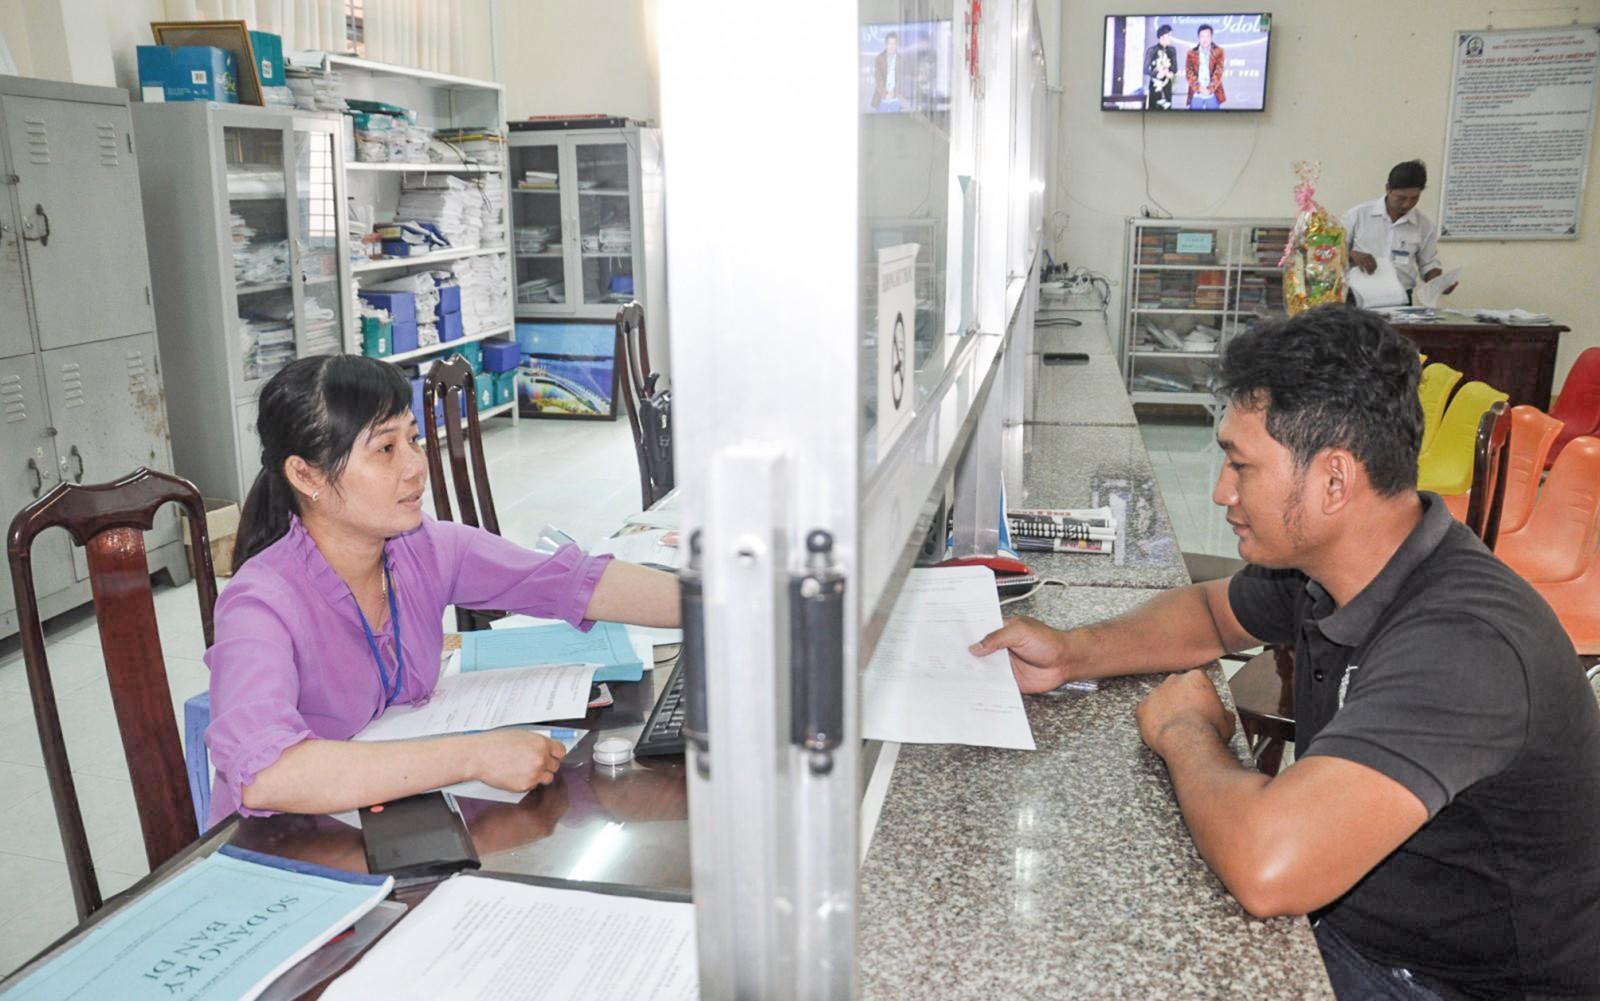 Nhờ thực hiện tốt công tác kiểm tra, giám sát, cán bộ, công chức bộ phận một cửa các cấp huyện Cờ Đỏ nâng cao trách nhiệm phục vụ nhân dân. Ảnh: ANH DŨNG